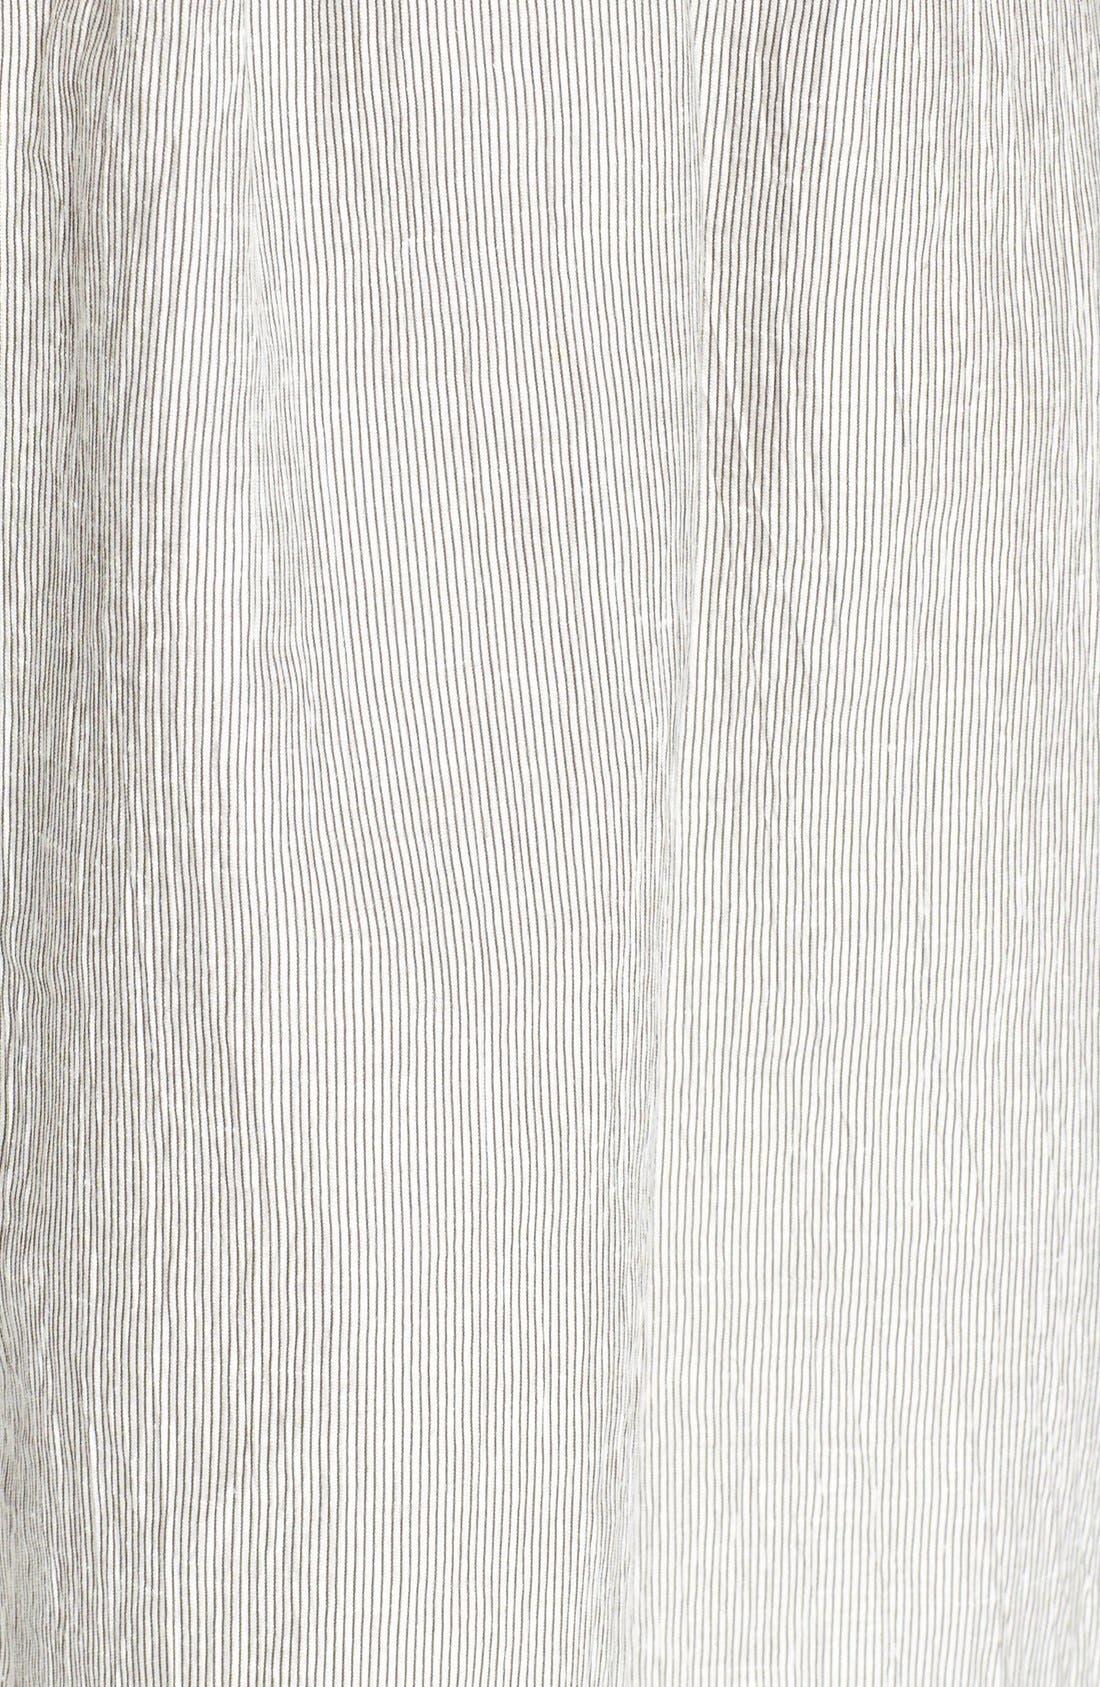 Alternate Image 3  - rag & bone 'Svea' Linen Blend Full Skirt